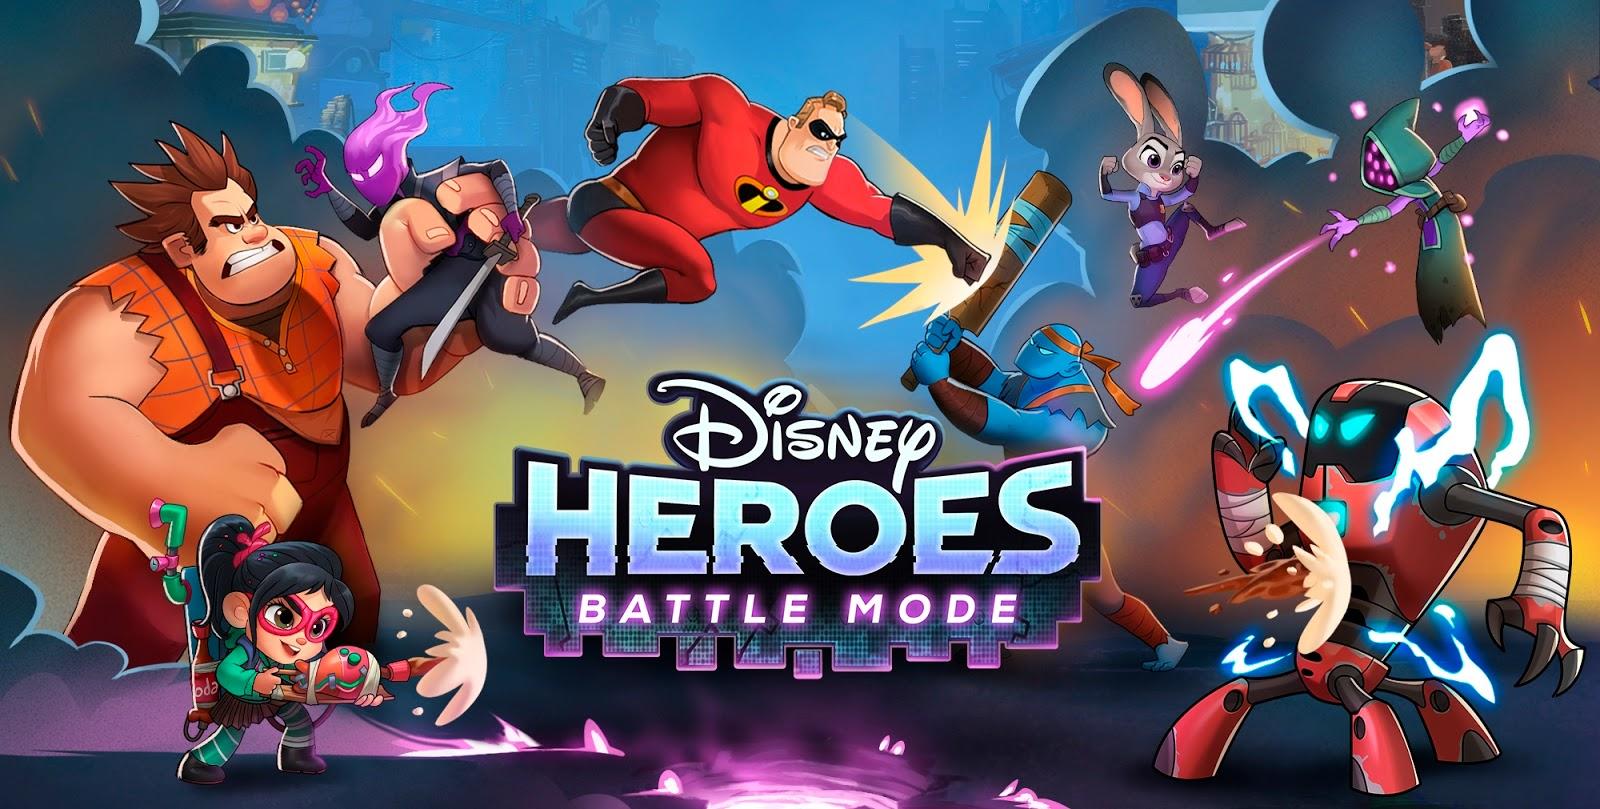 Disney-Heroes-Battle-Mode-jeux-de-combat-ios-portable